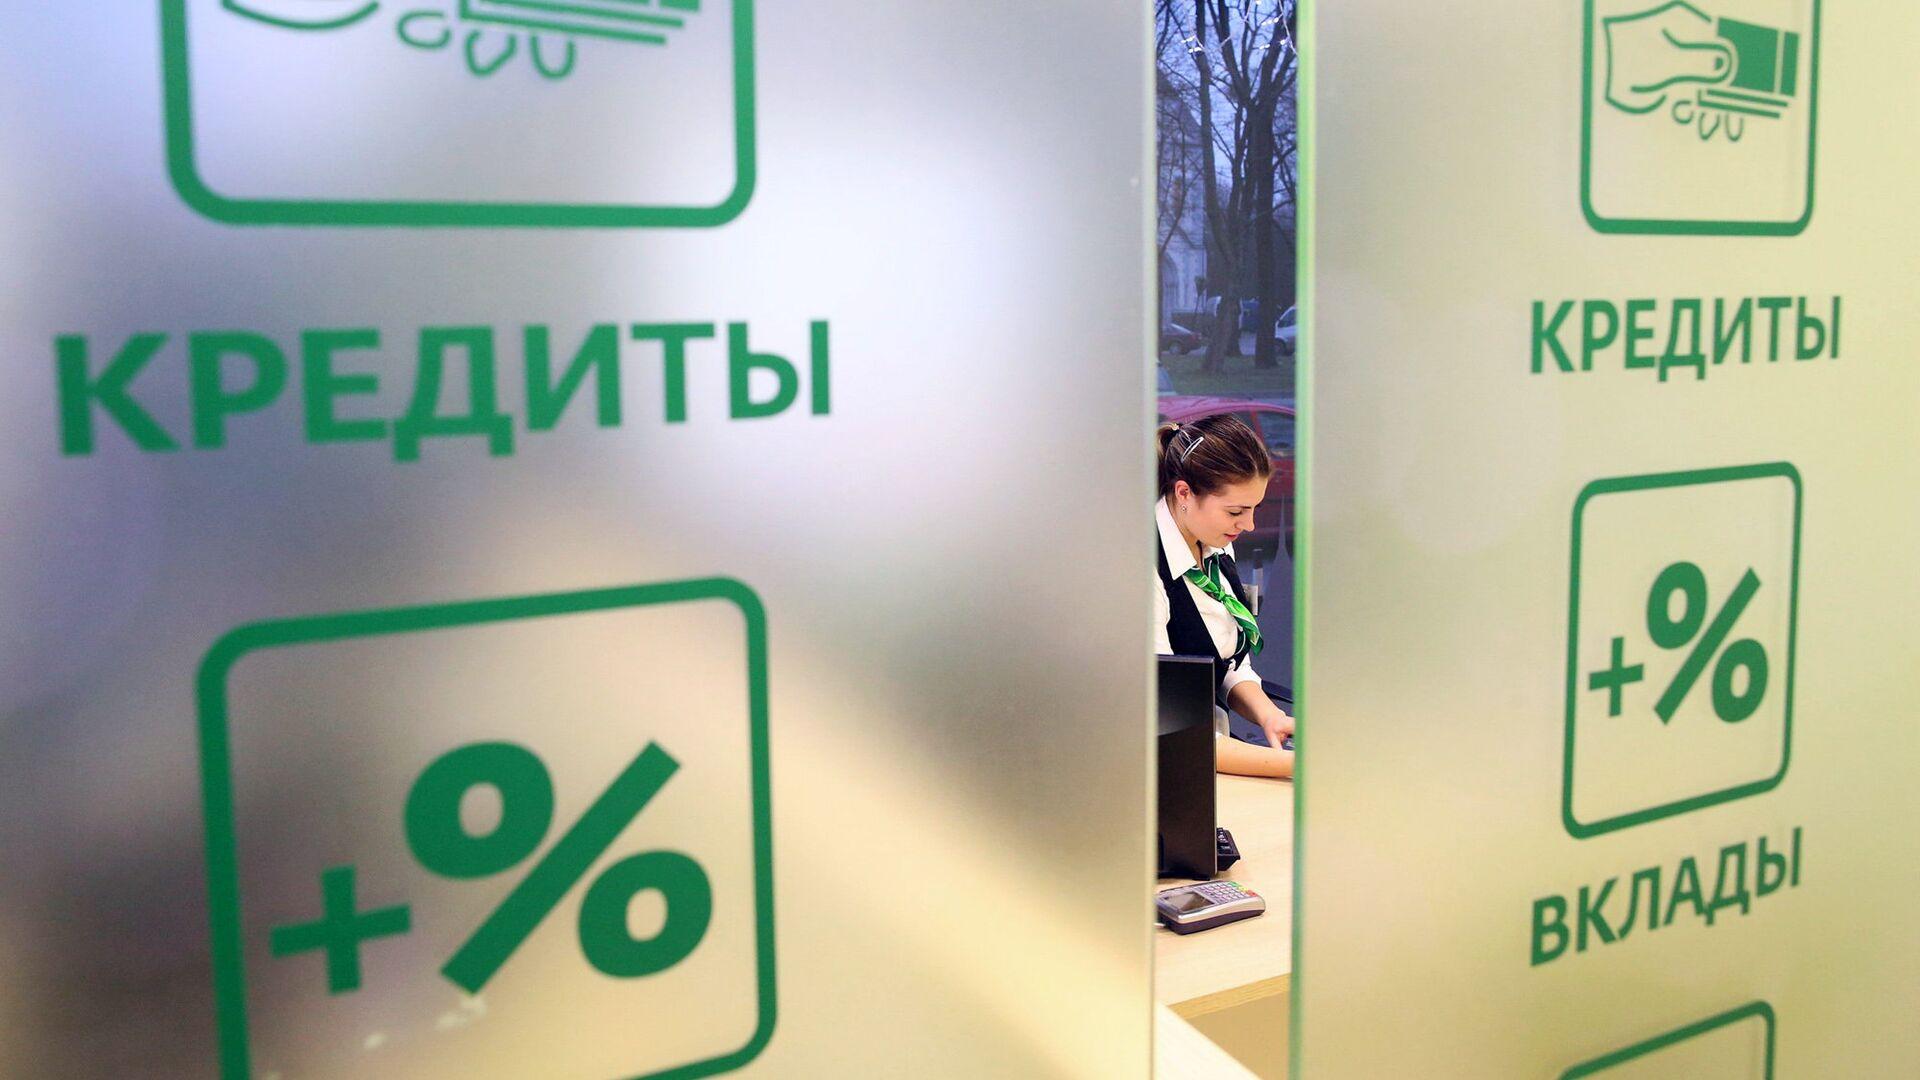 Эксперты ждут скачка ставок по кредитам